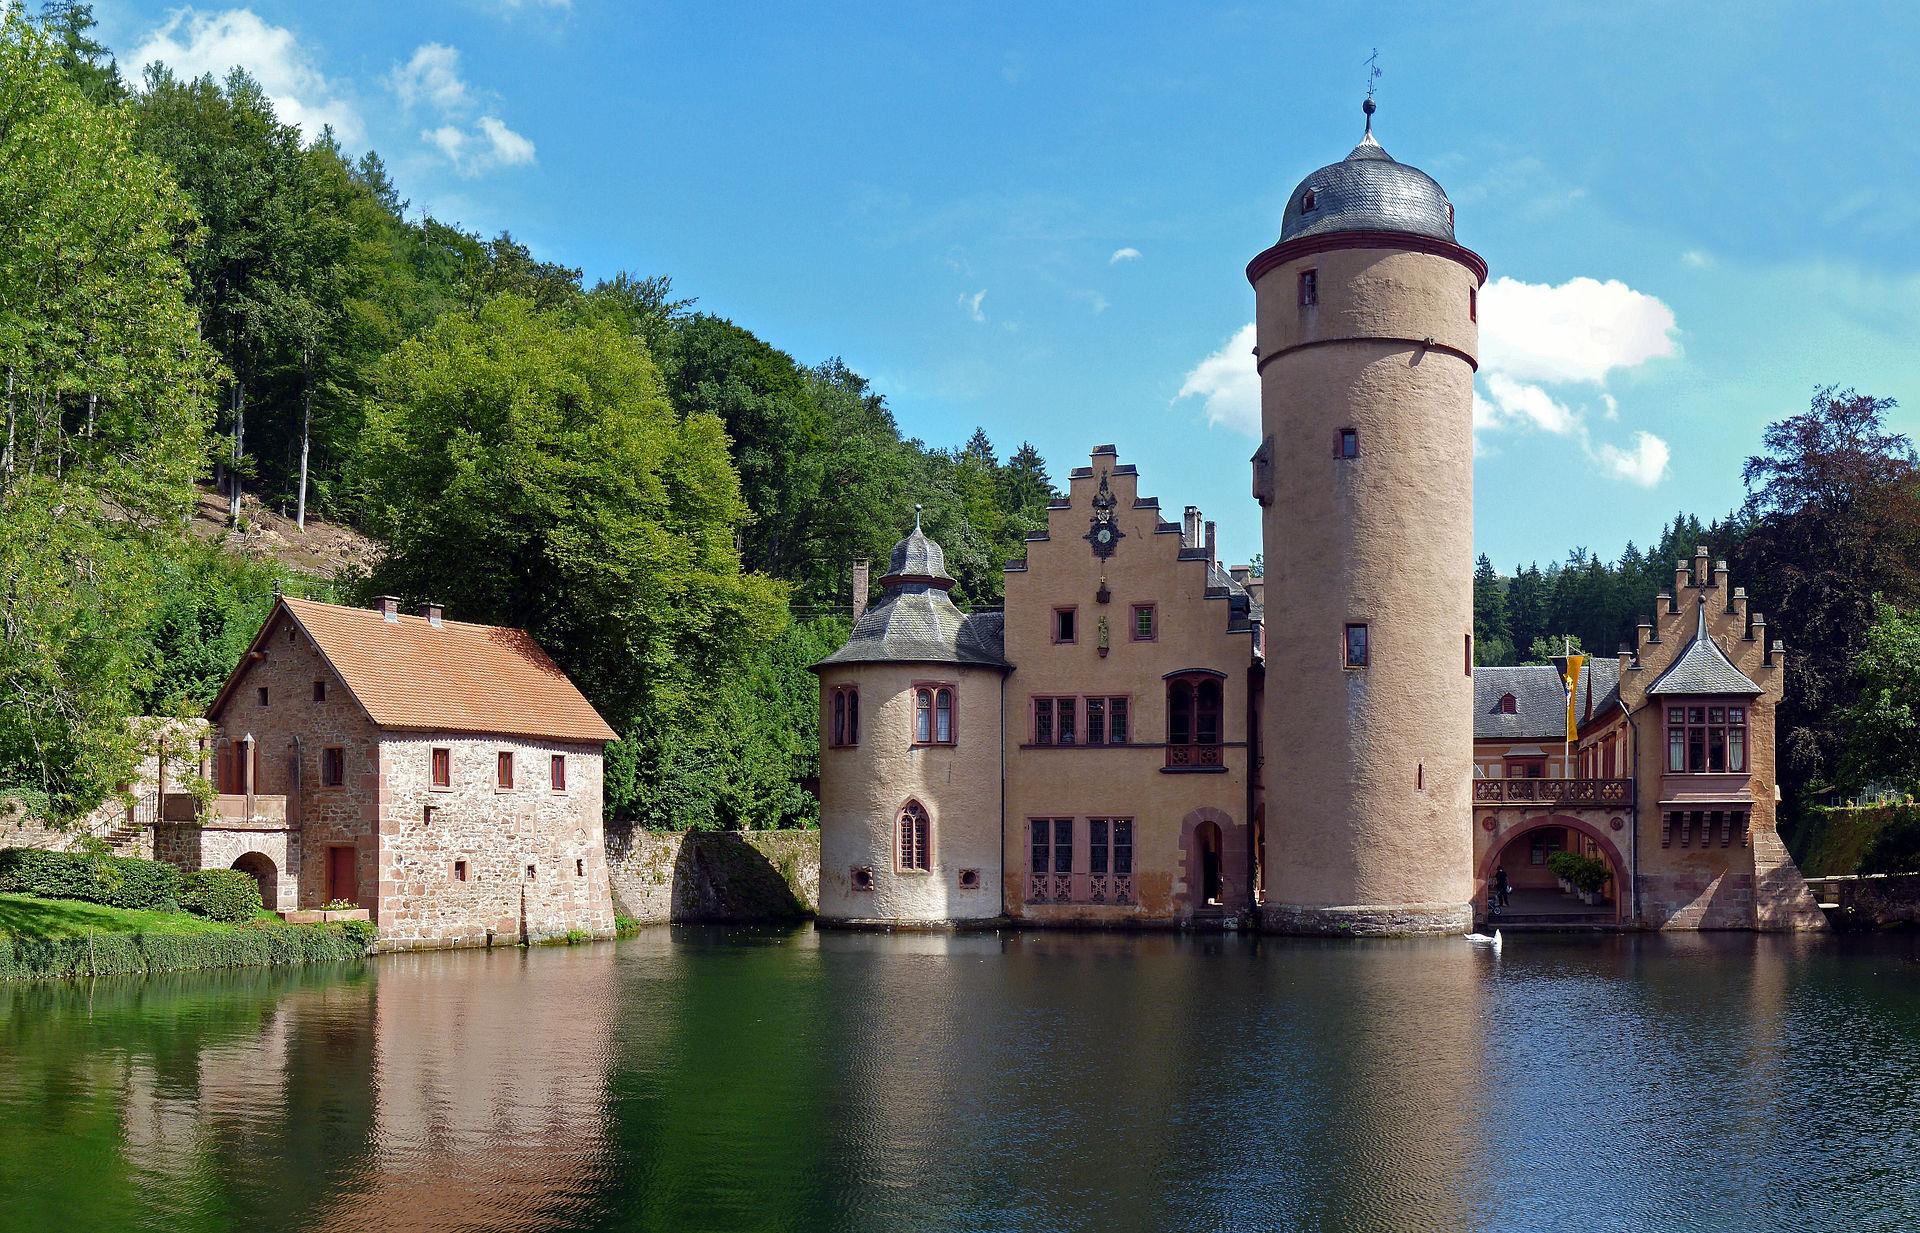 Bild Schloss Mespelbrunn